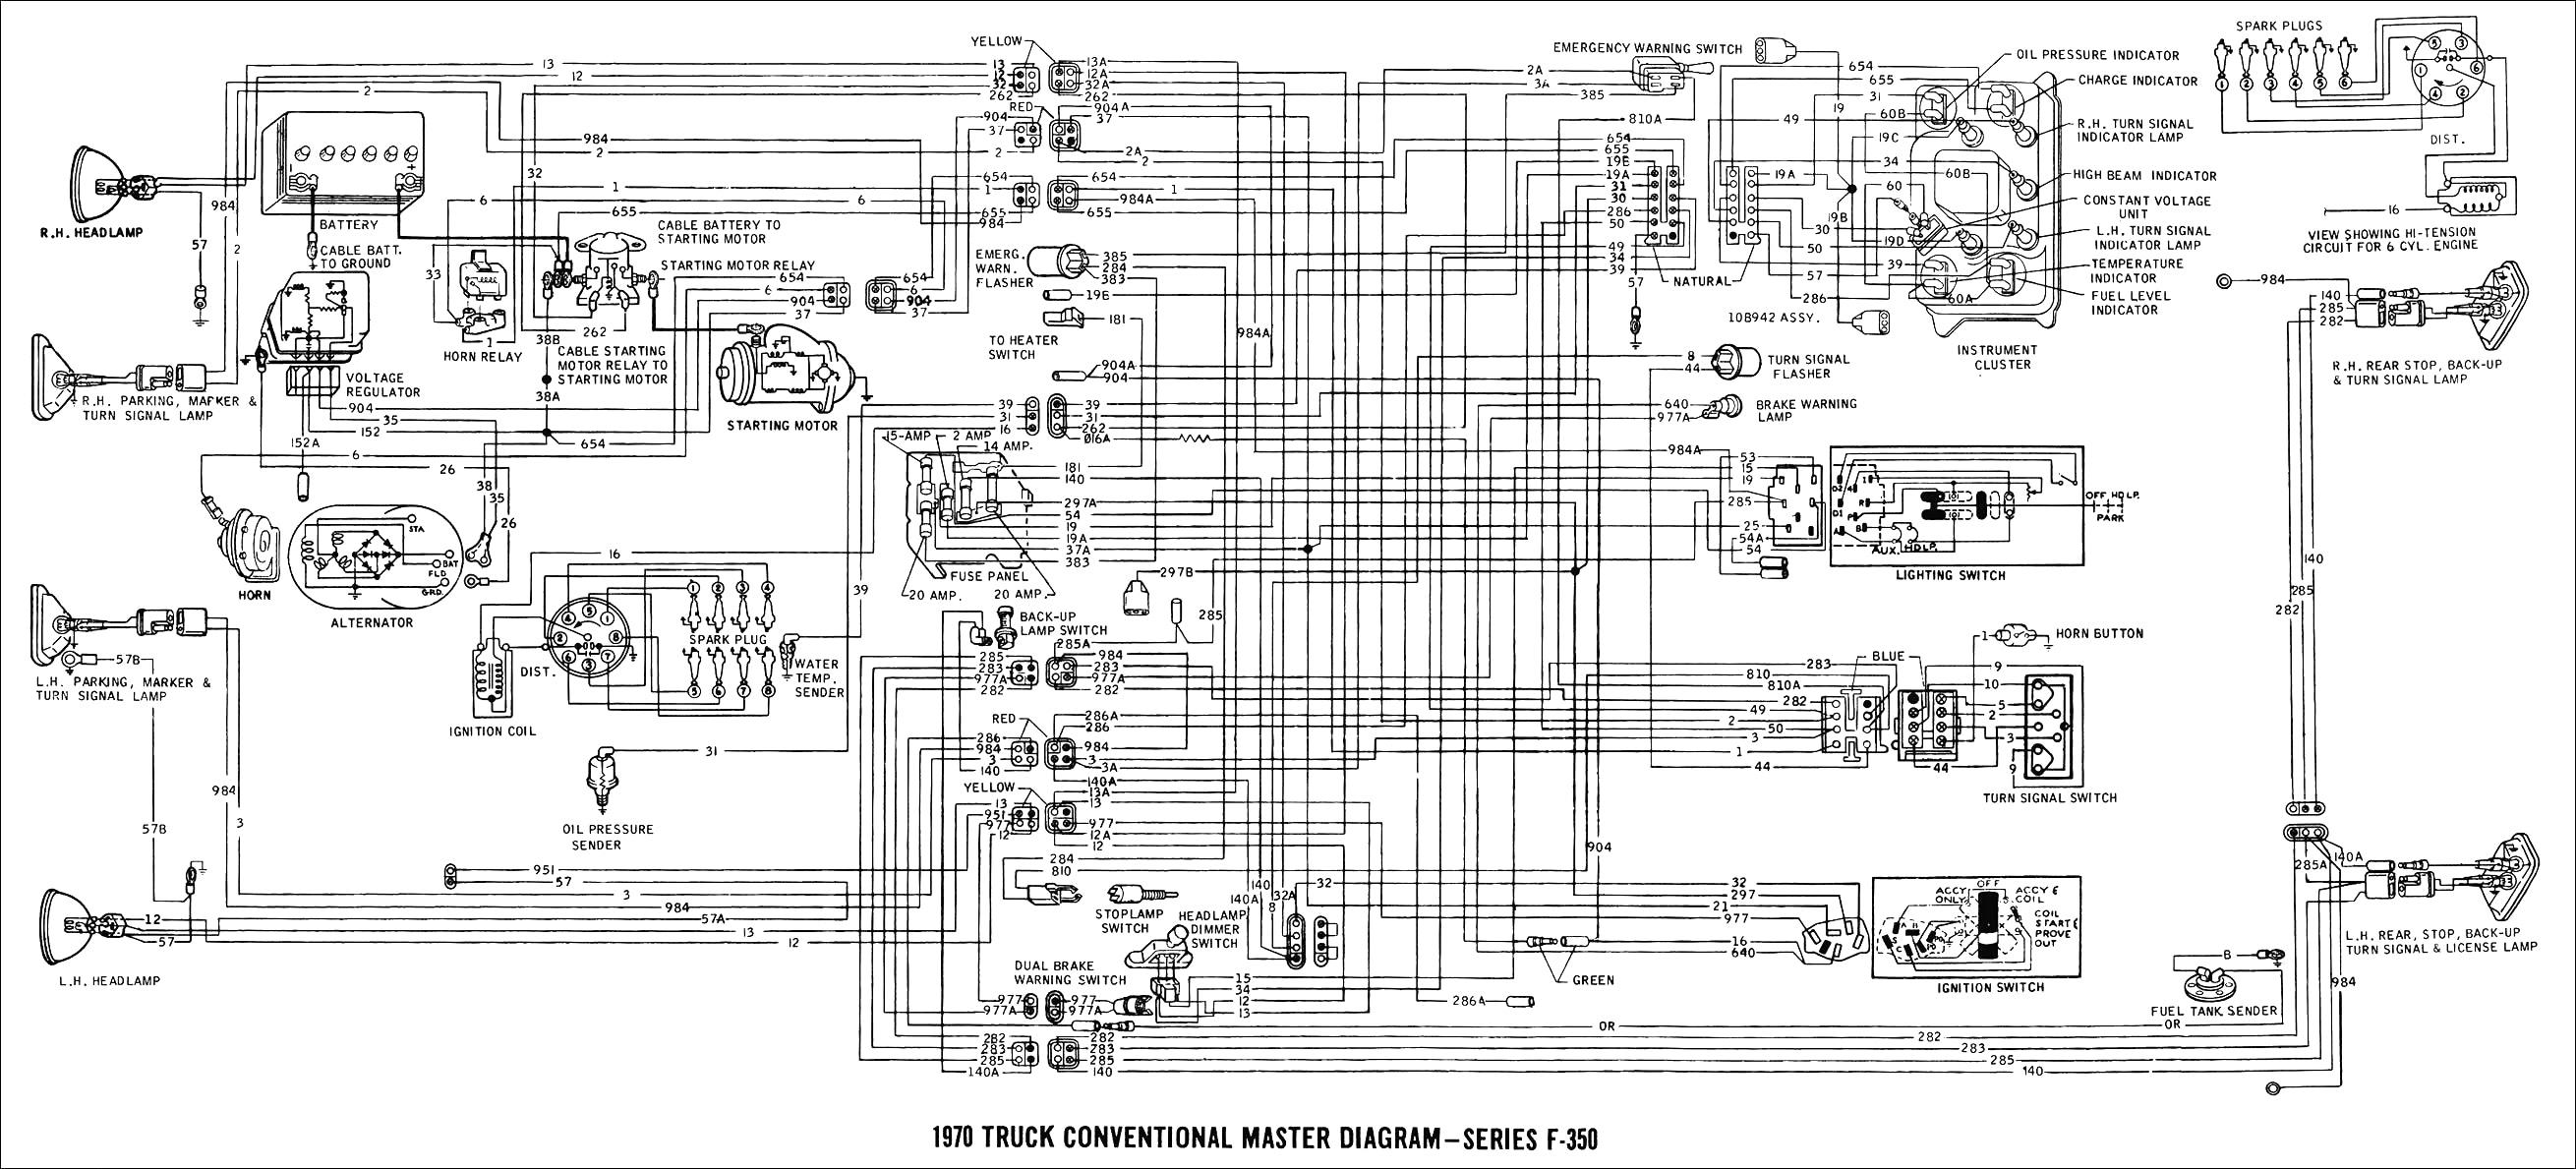 Ford Ranger Wiring Diagram | Free Wiring Diagram